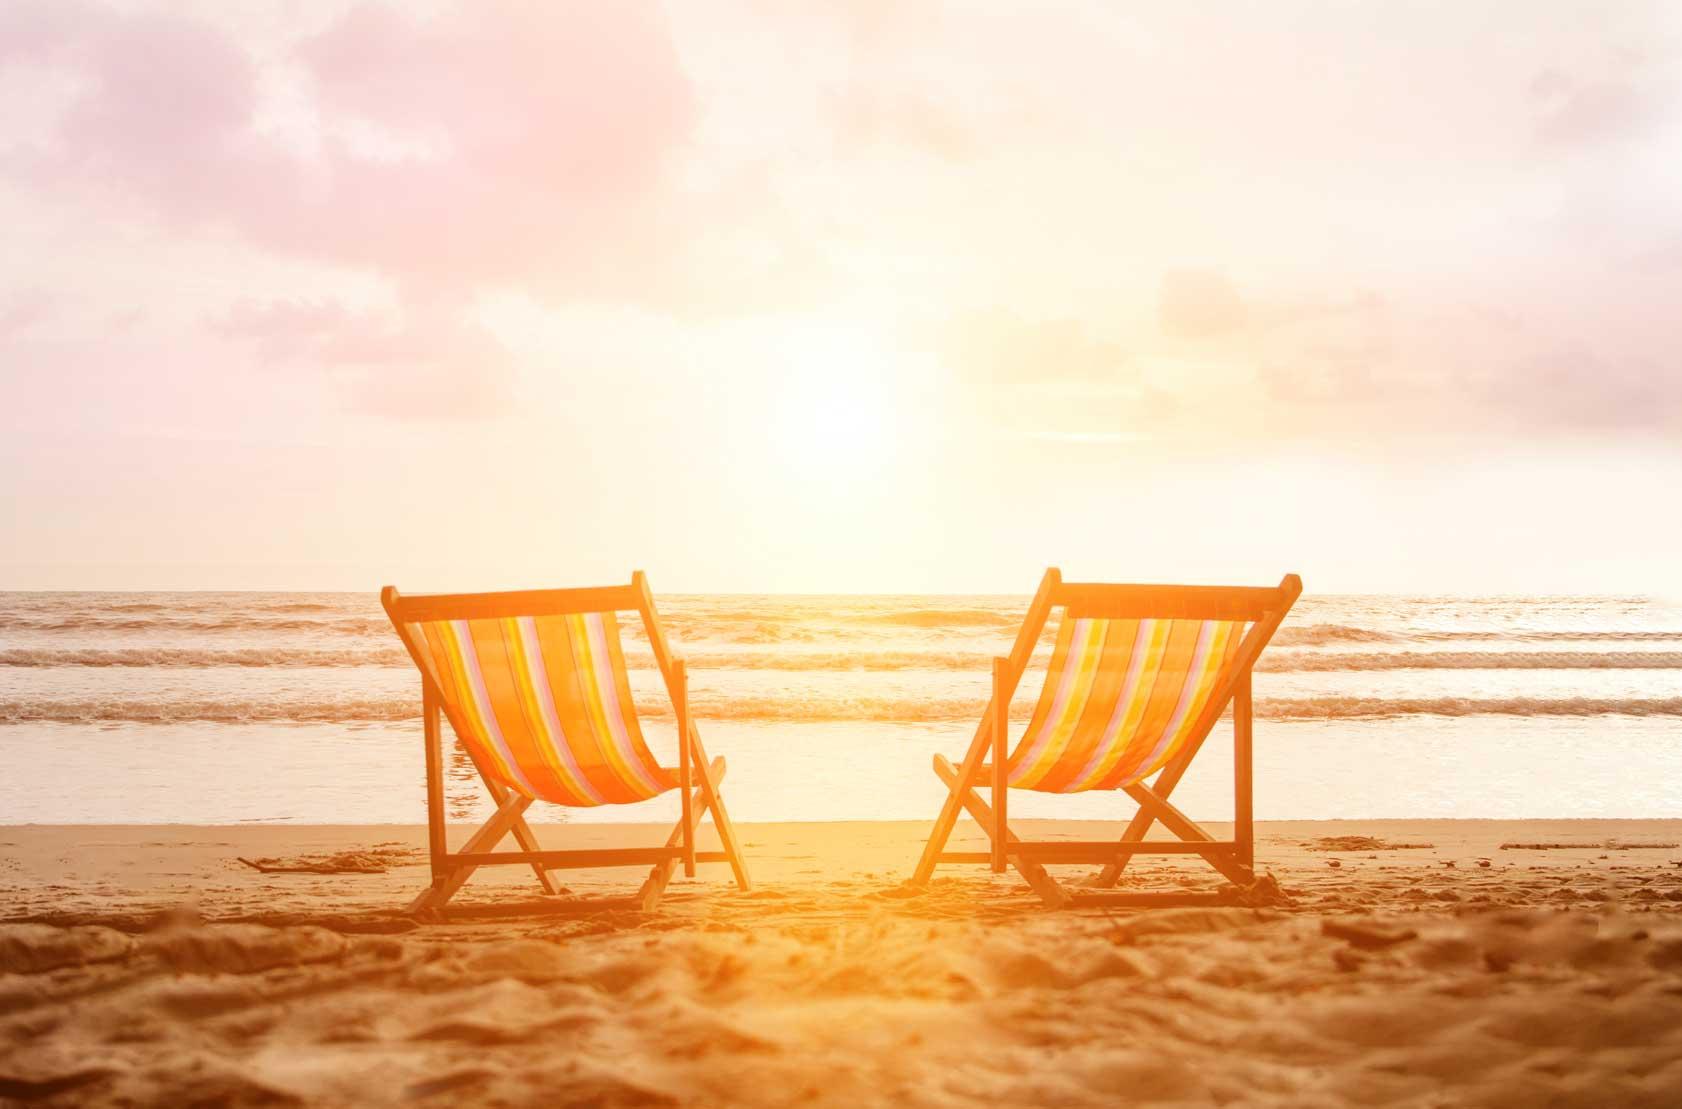 Zwei in Richtung Meer ausgerichtete Strandstühle stehen bei Sonnenaufgang am Strand.